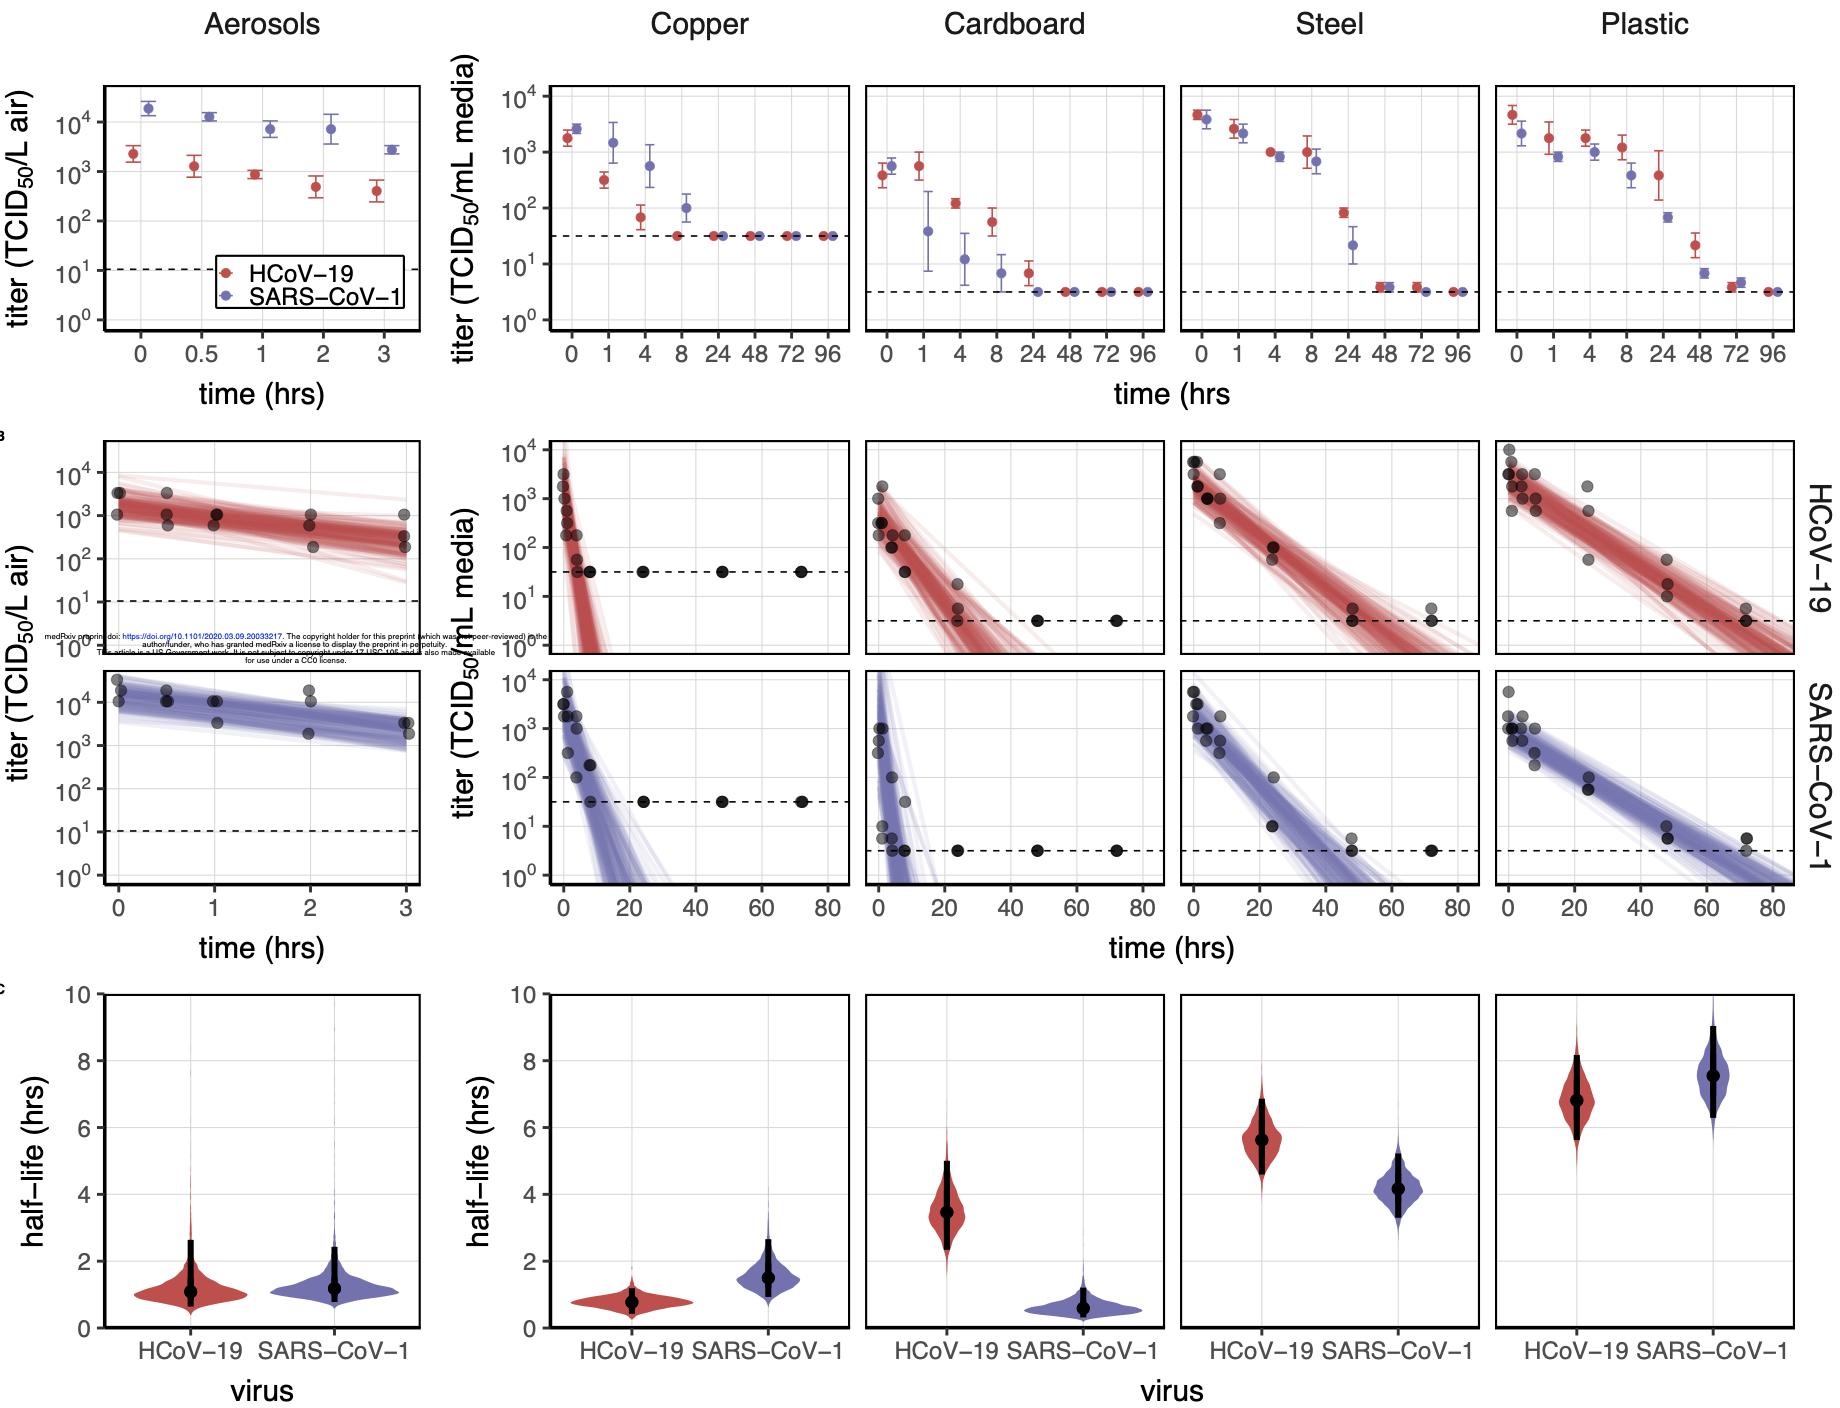 Durée dans le temps des virus SARS-CoV1 et SARS-CoV2 sur différents supports: aérosolisés ou sur des surfaces inertes source